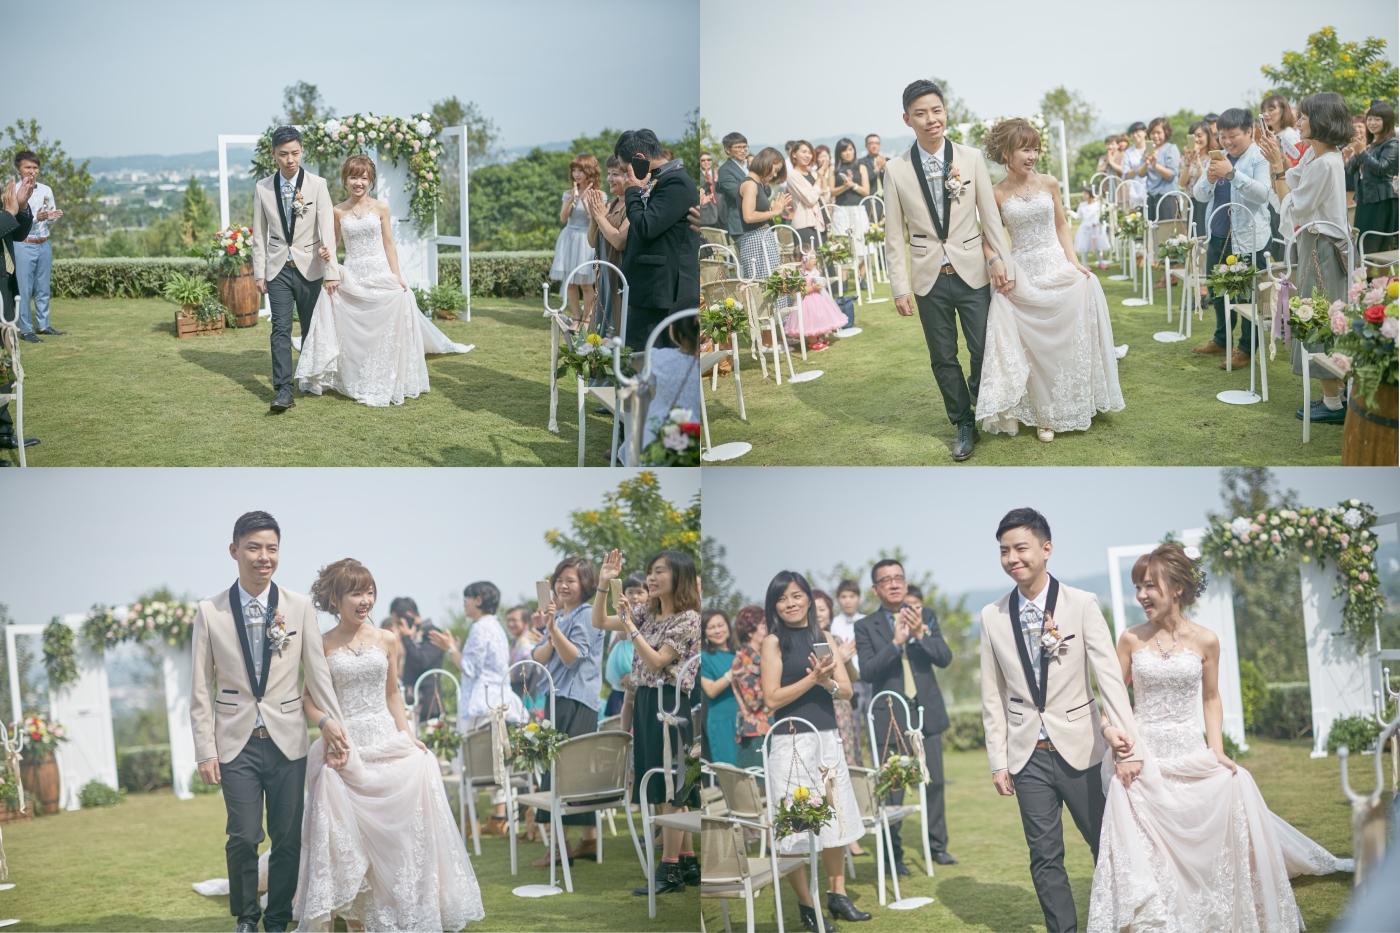 西式證婚流程|戶外證婚流程|婚禮流程|婚禮流程表|西式草坪婚禮|戶外證婚時間|嘉義戶外證婚|嘉義婚佈推薦|憶起幸福|幸福山丘|新人交換誓詞|新人退場